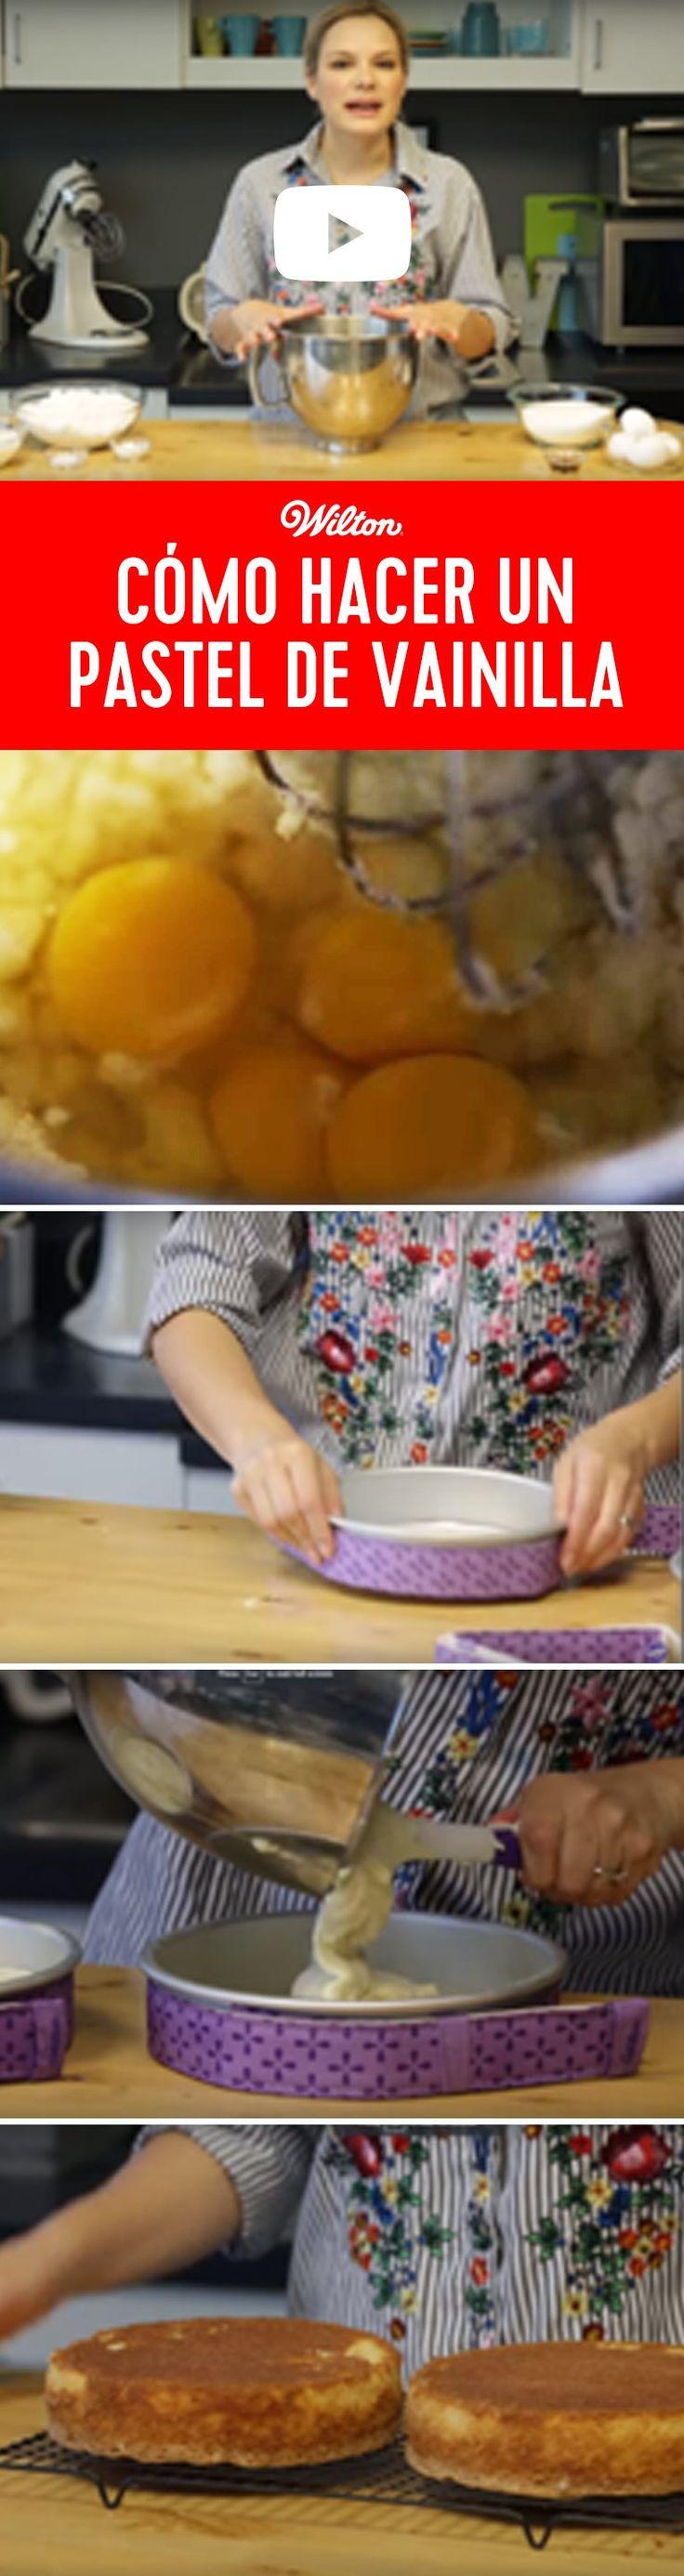 Cómo hacer un pastel de vainilla - Esta receta es la base de todos los pasteles, ¡te va a encantar!